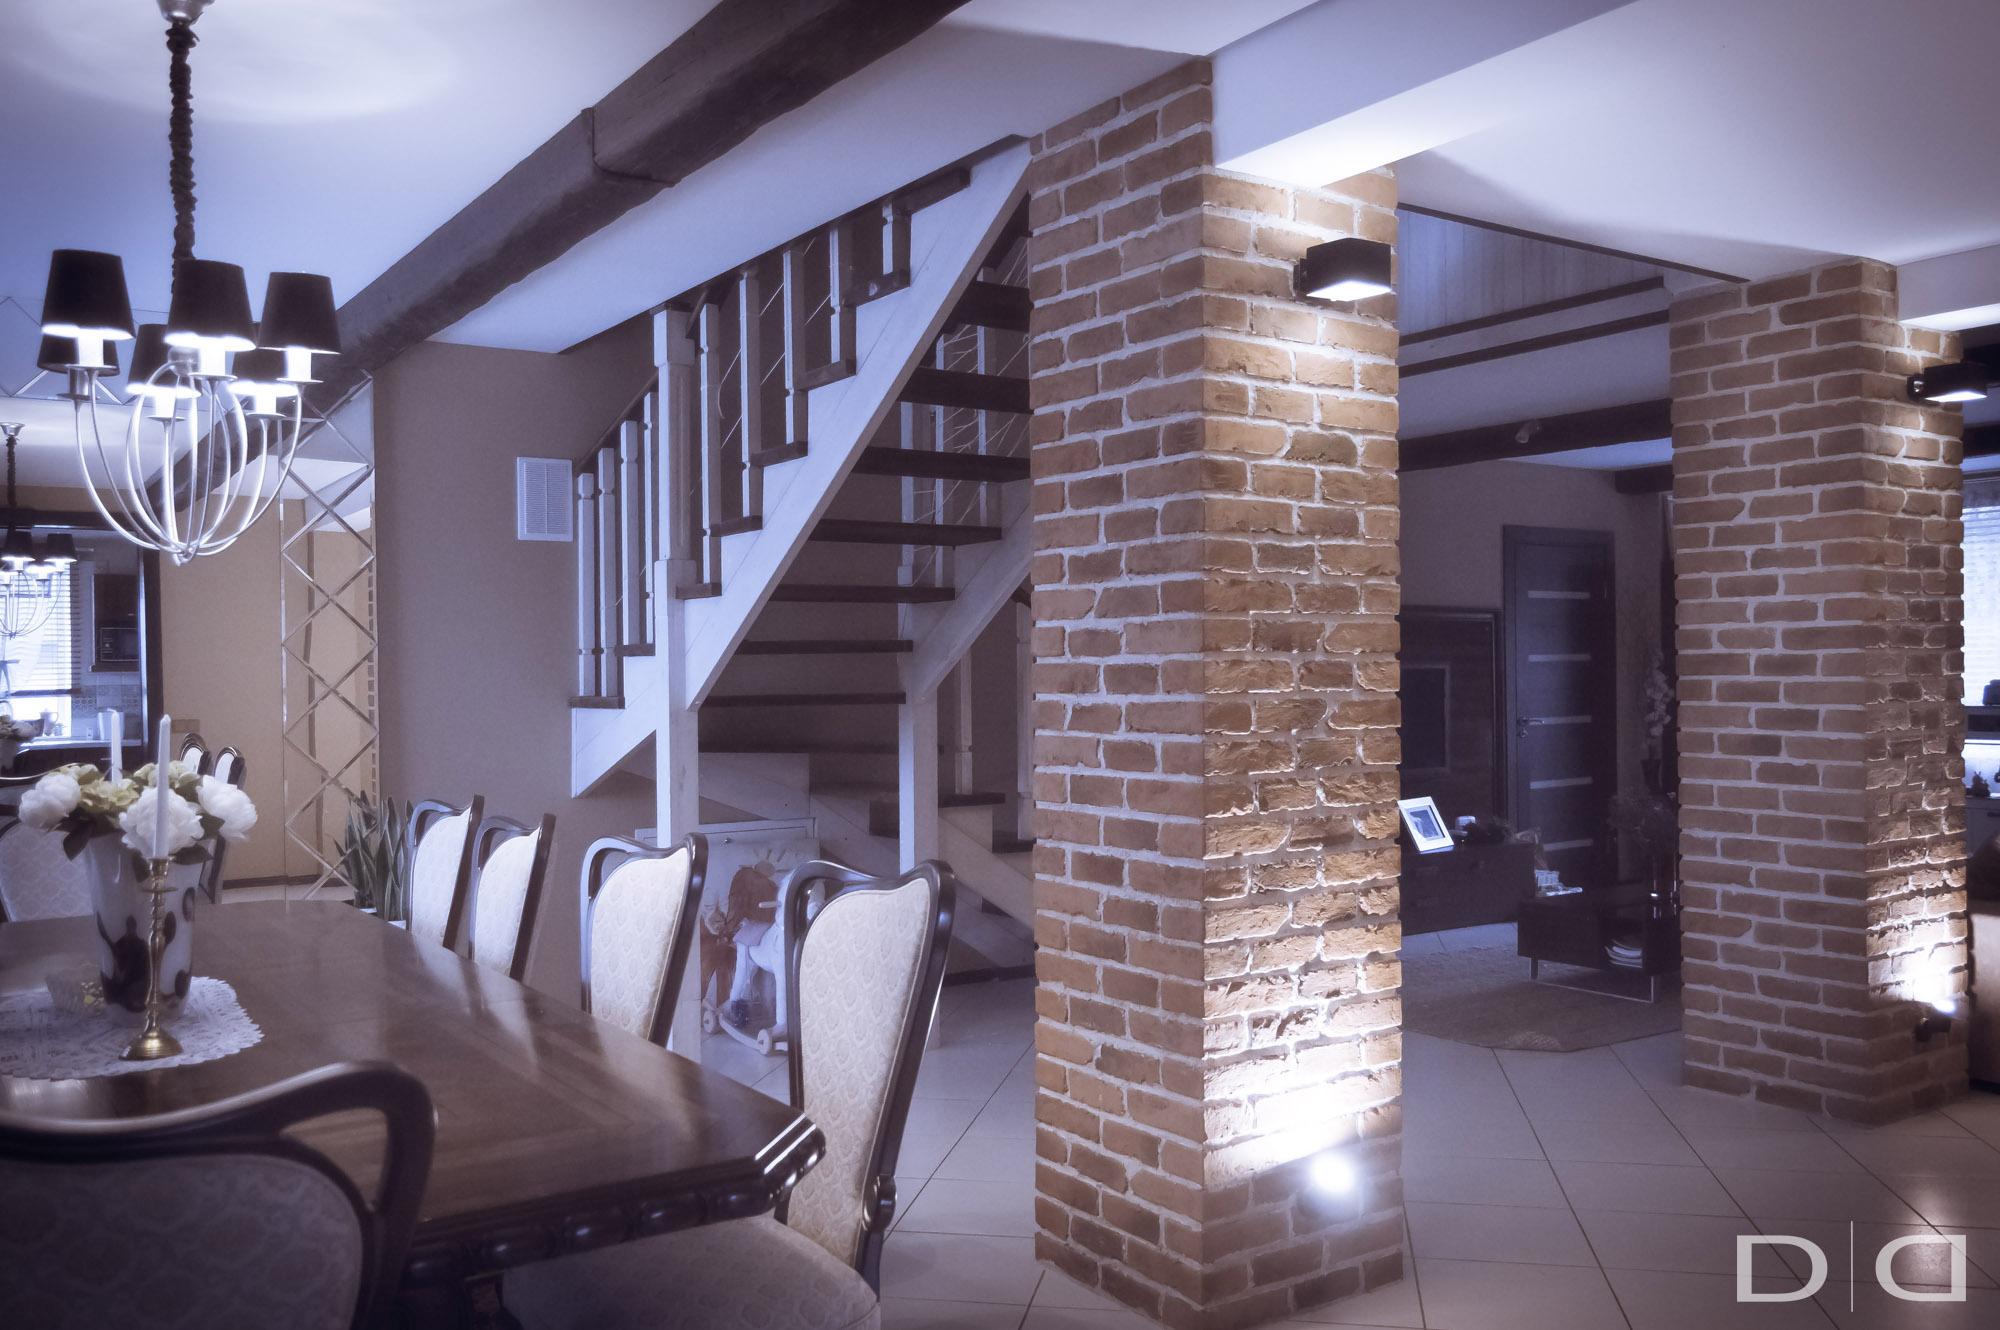 025_dd-interior_studio_design_project_minsk_009-15